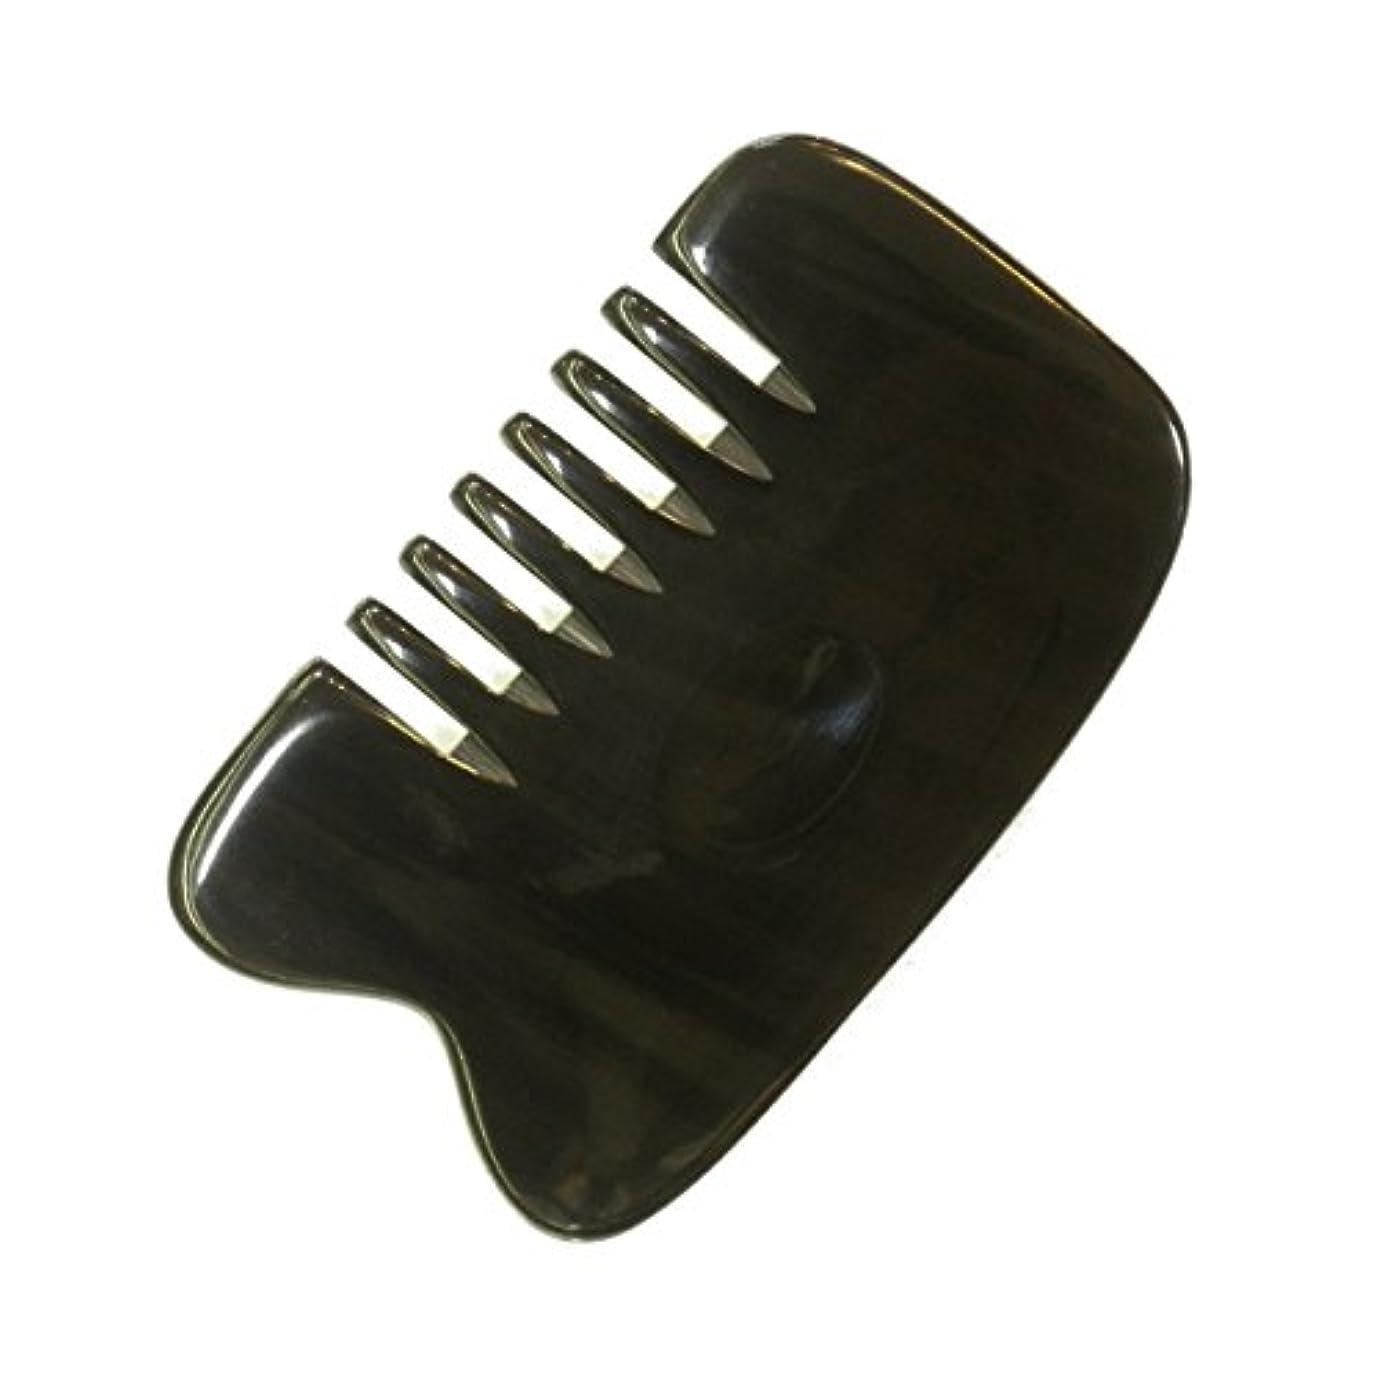 成長するゆりかご禁止かっさ プレート 厚さが選べる 水牛の角(黒水牛角) EHE221SP 櫛型 特級品 少し厚め(7ミリ程度)